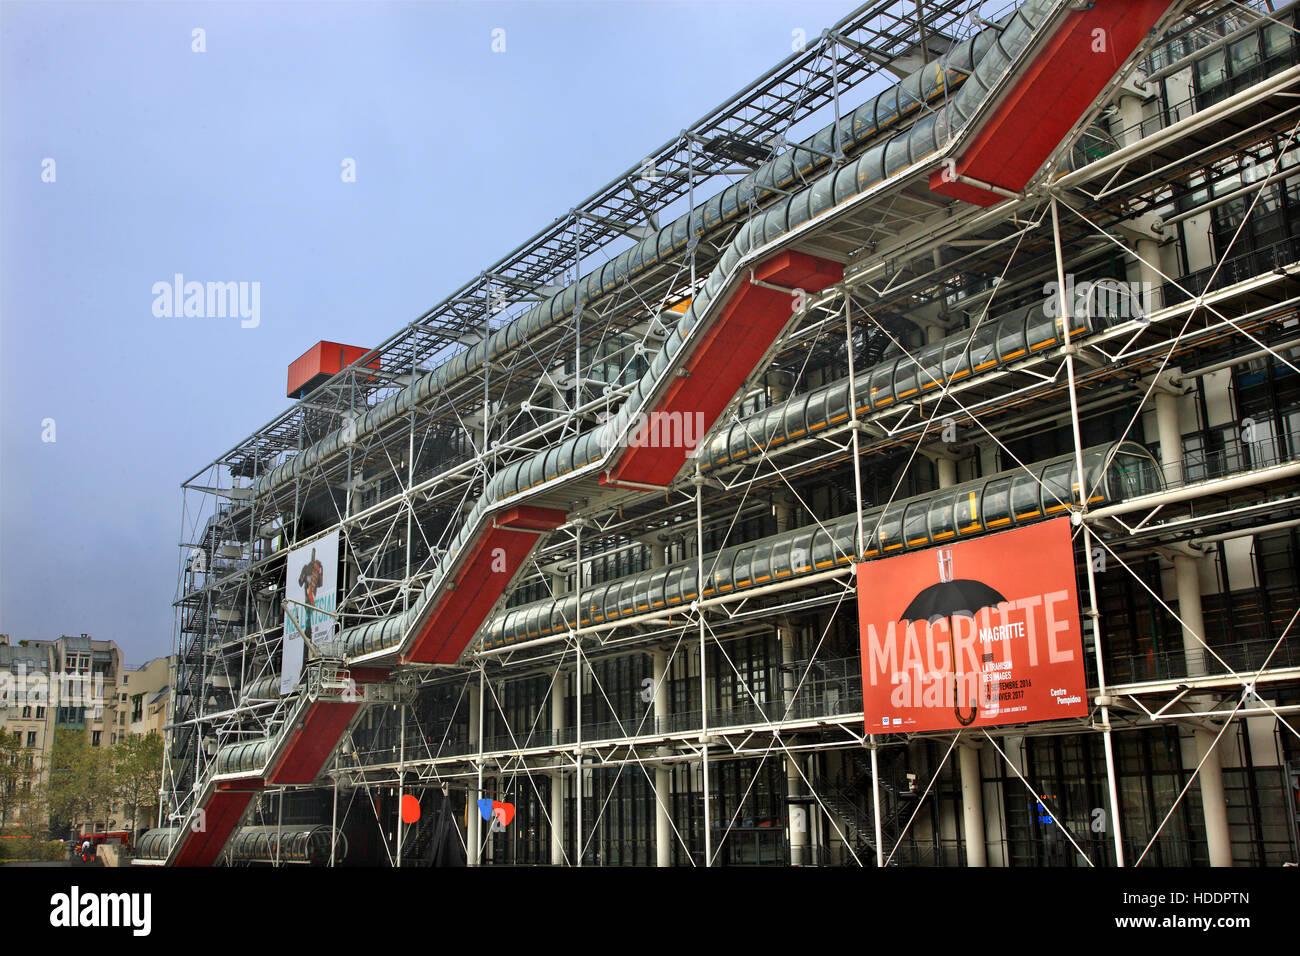 El Centro Georges Pompidou, un edificio en el barrio de Beaubourg del 4º distrito de París, Francia. Foto de stock